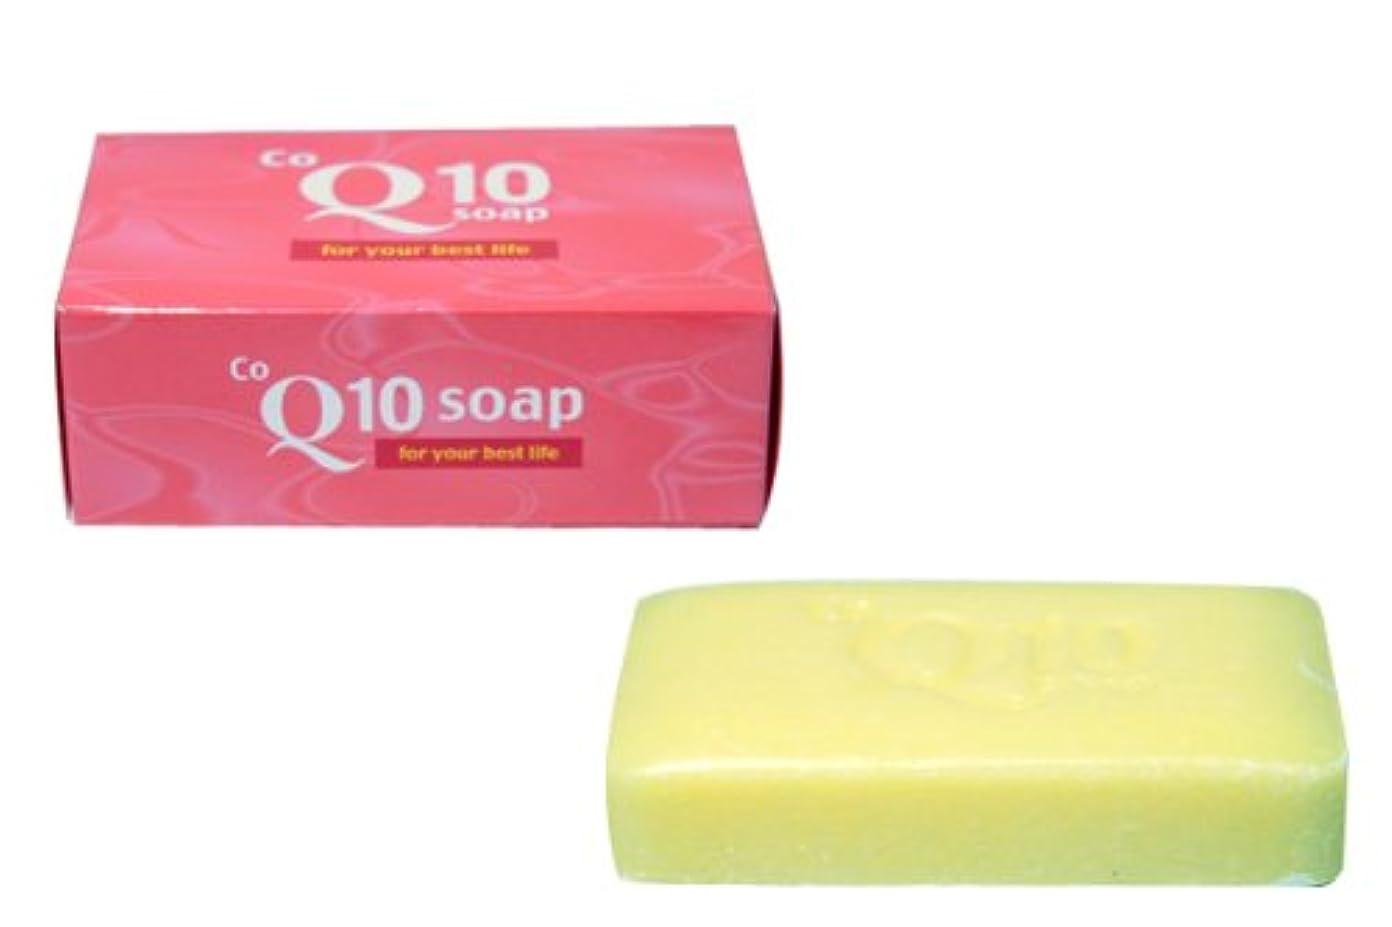 視聴者銀頻繁にコエンザイムQ10石鹸 10個セット